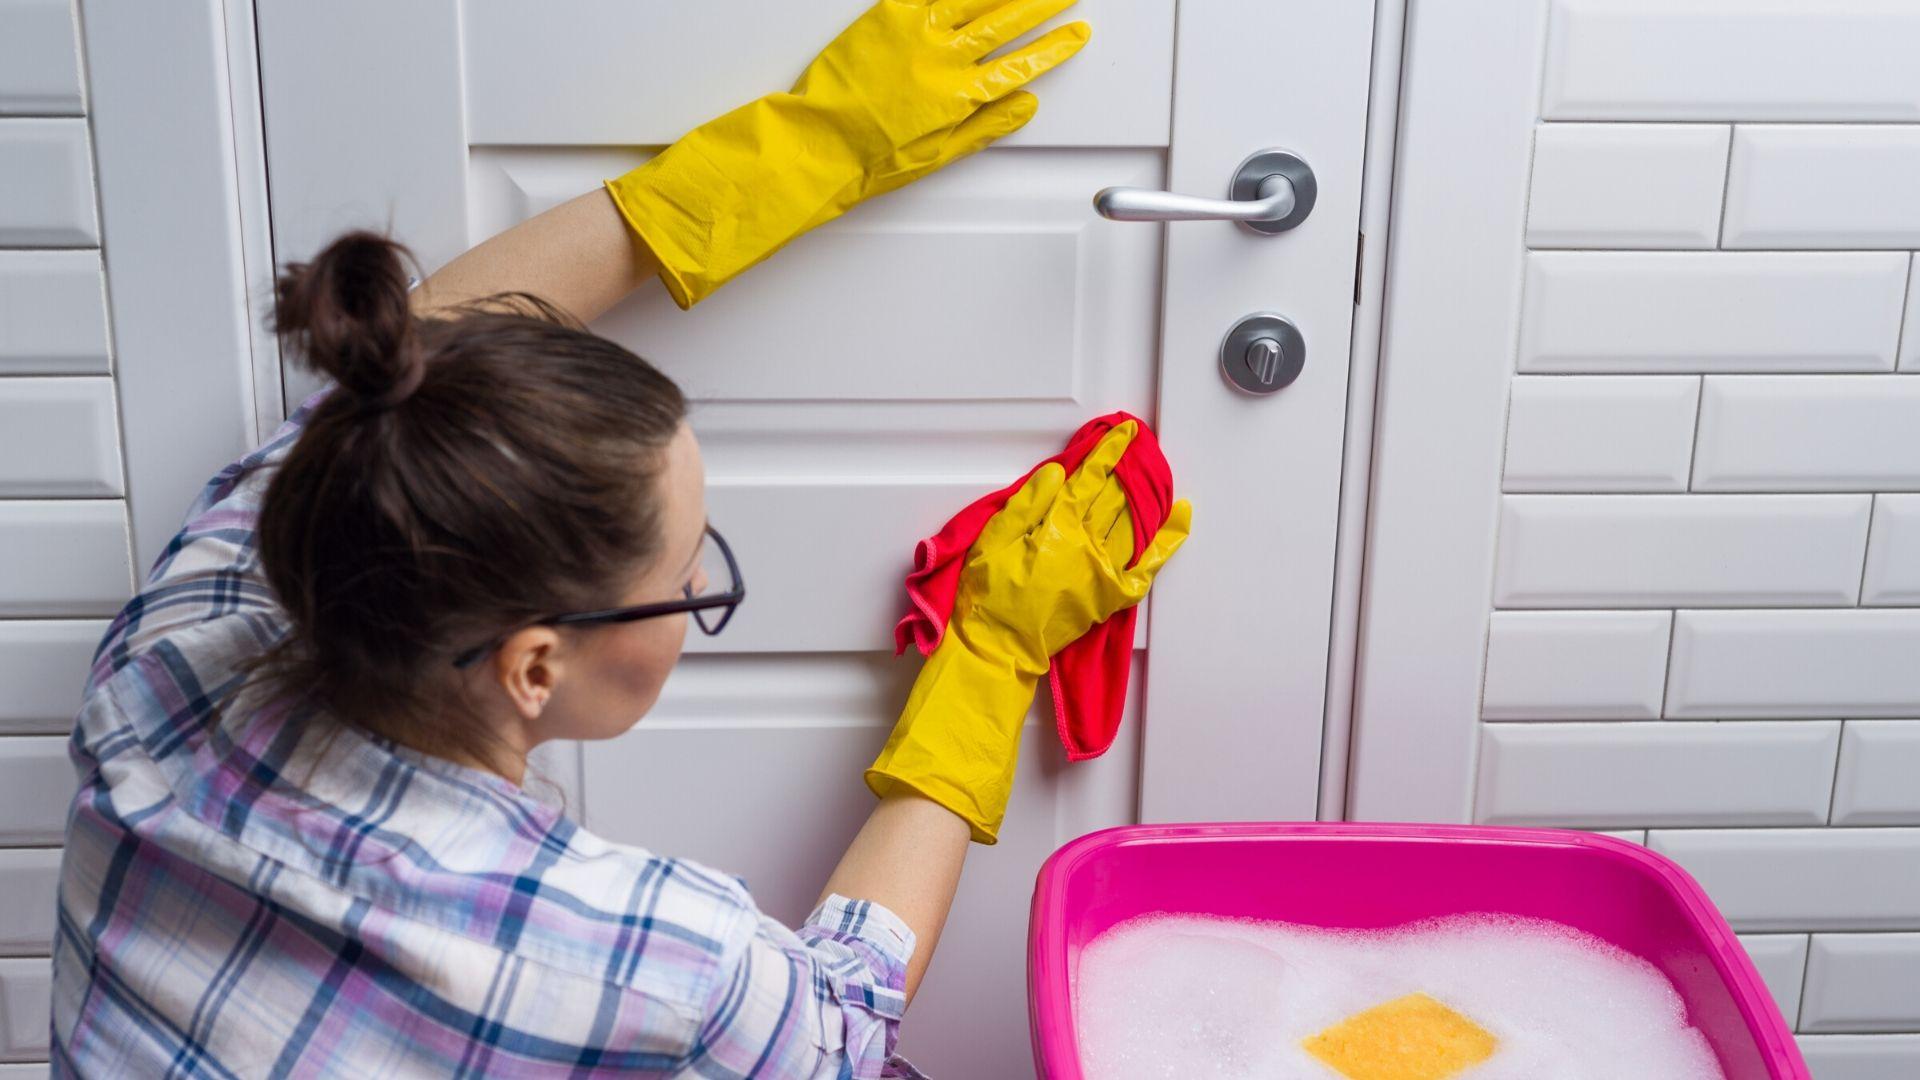 Cómo reducir el riesgo de contagio de coronavirus en el hogar : medidas de prevención e higiene